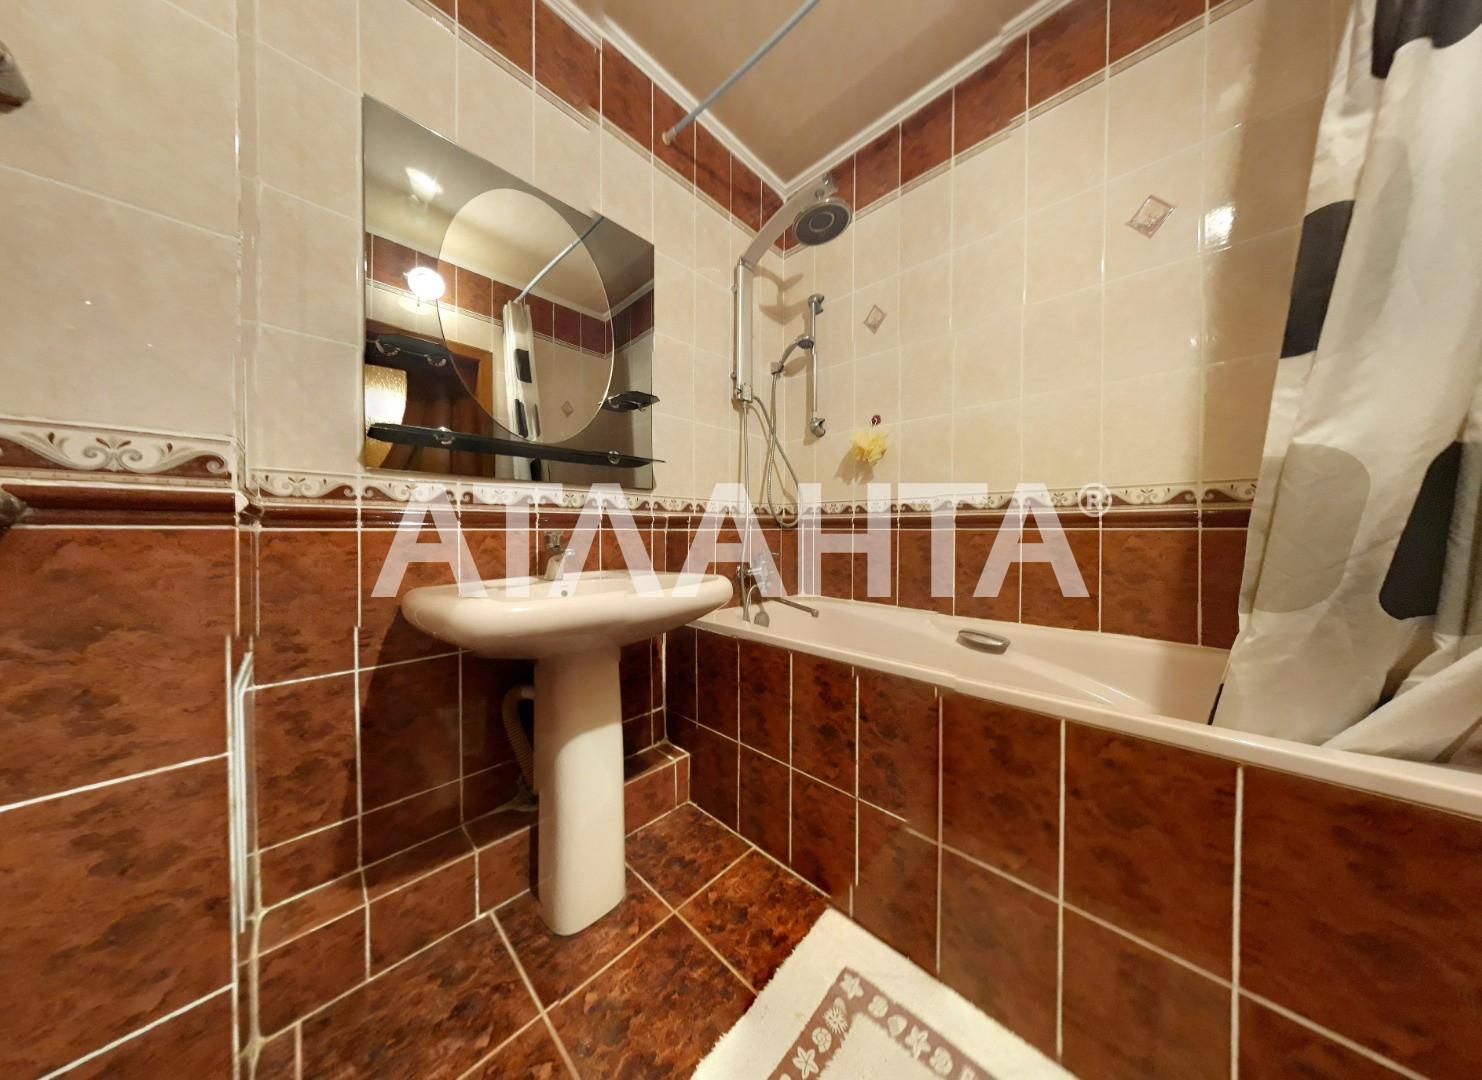 Продается 3-комнатная Квартира на ул. Ул. Вильямса — 90 000 у.е. (фото №22)